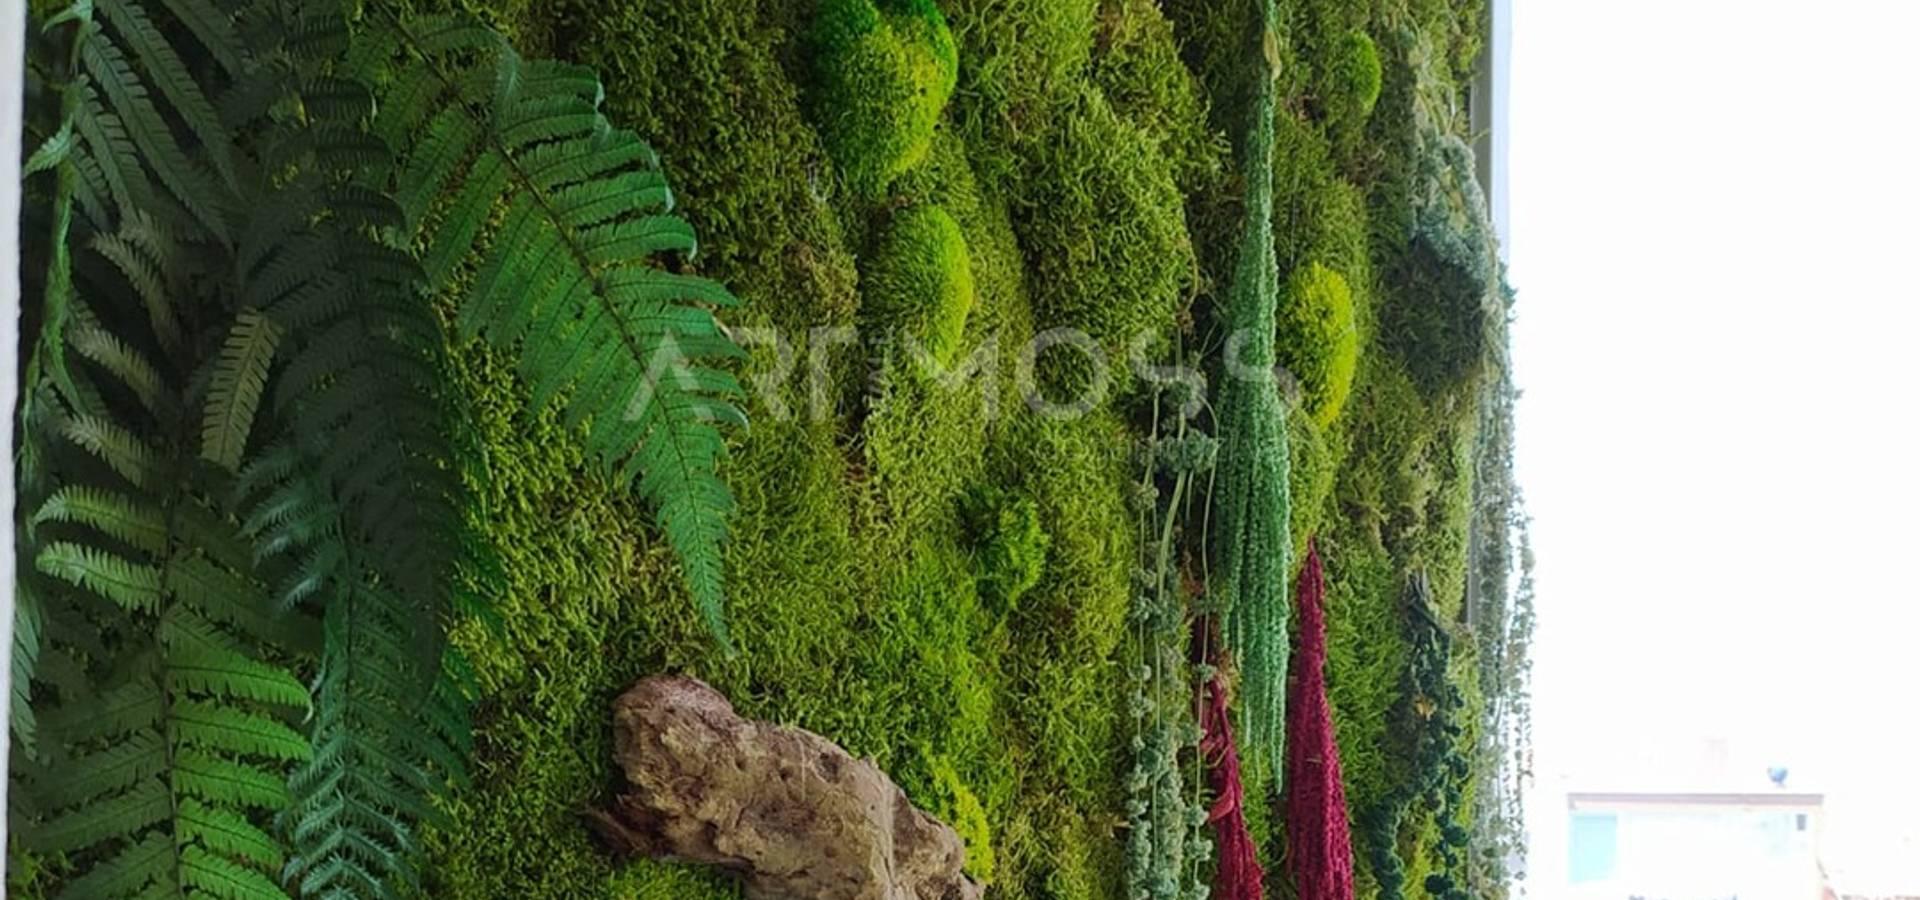 Dikey Bahçe & Yosun Duvar – Art Wall Moss